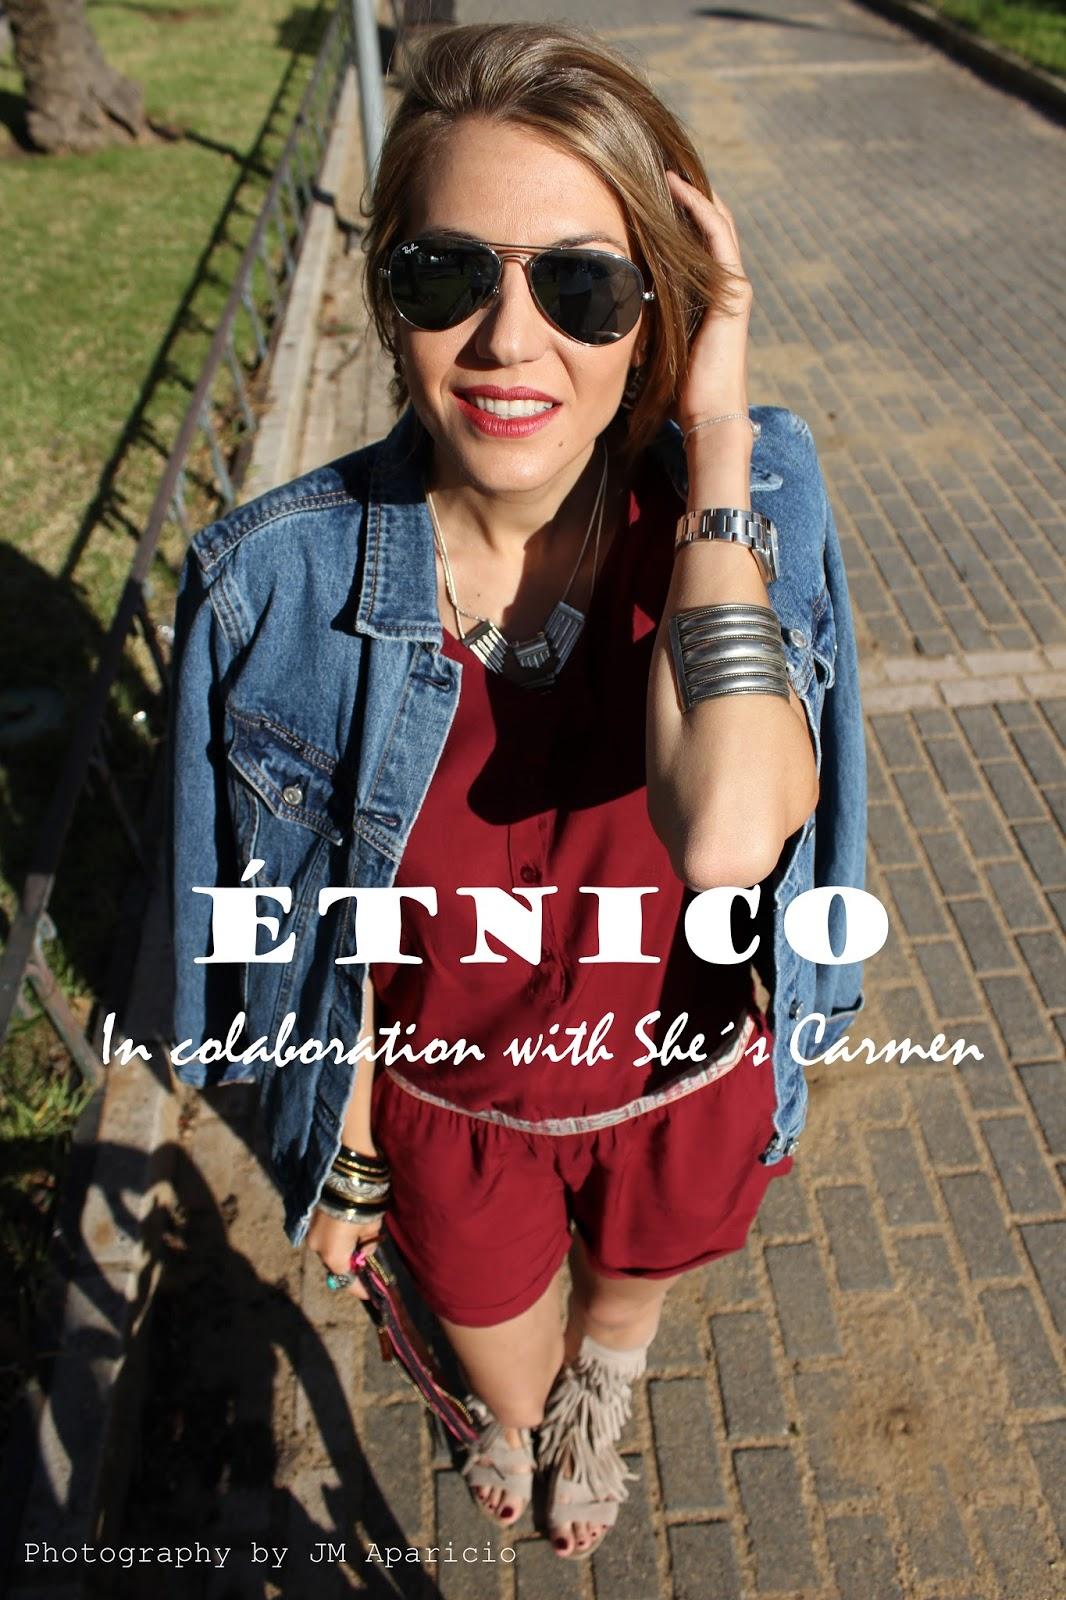 ÉTNICO-49284-martidama